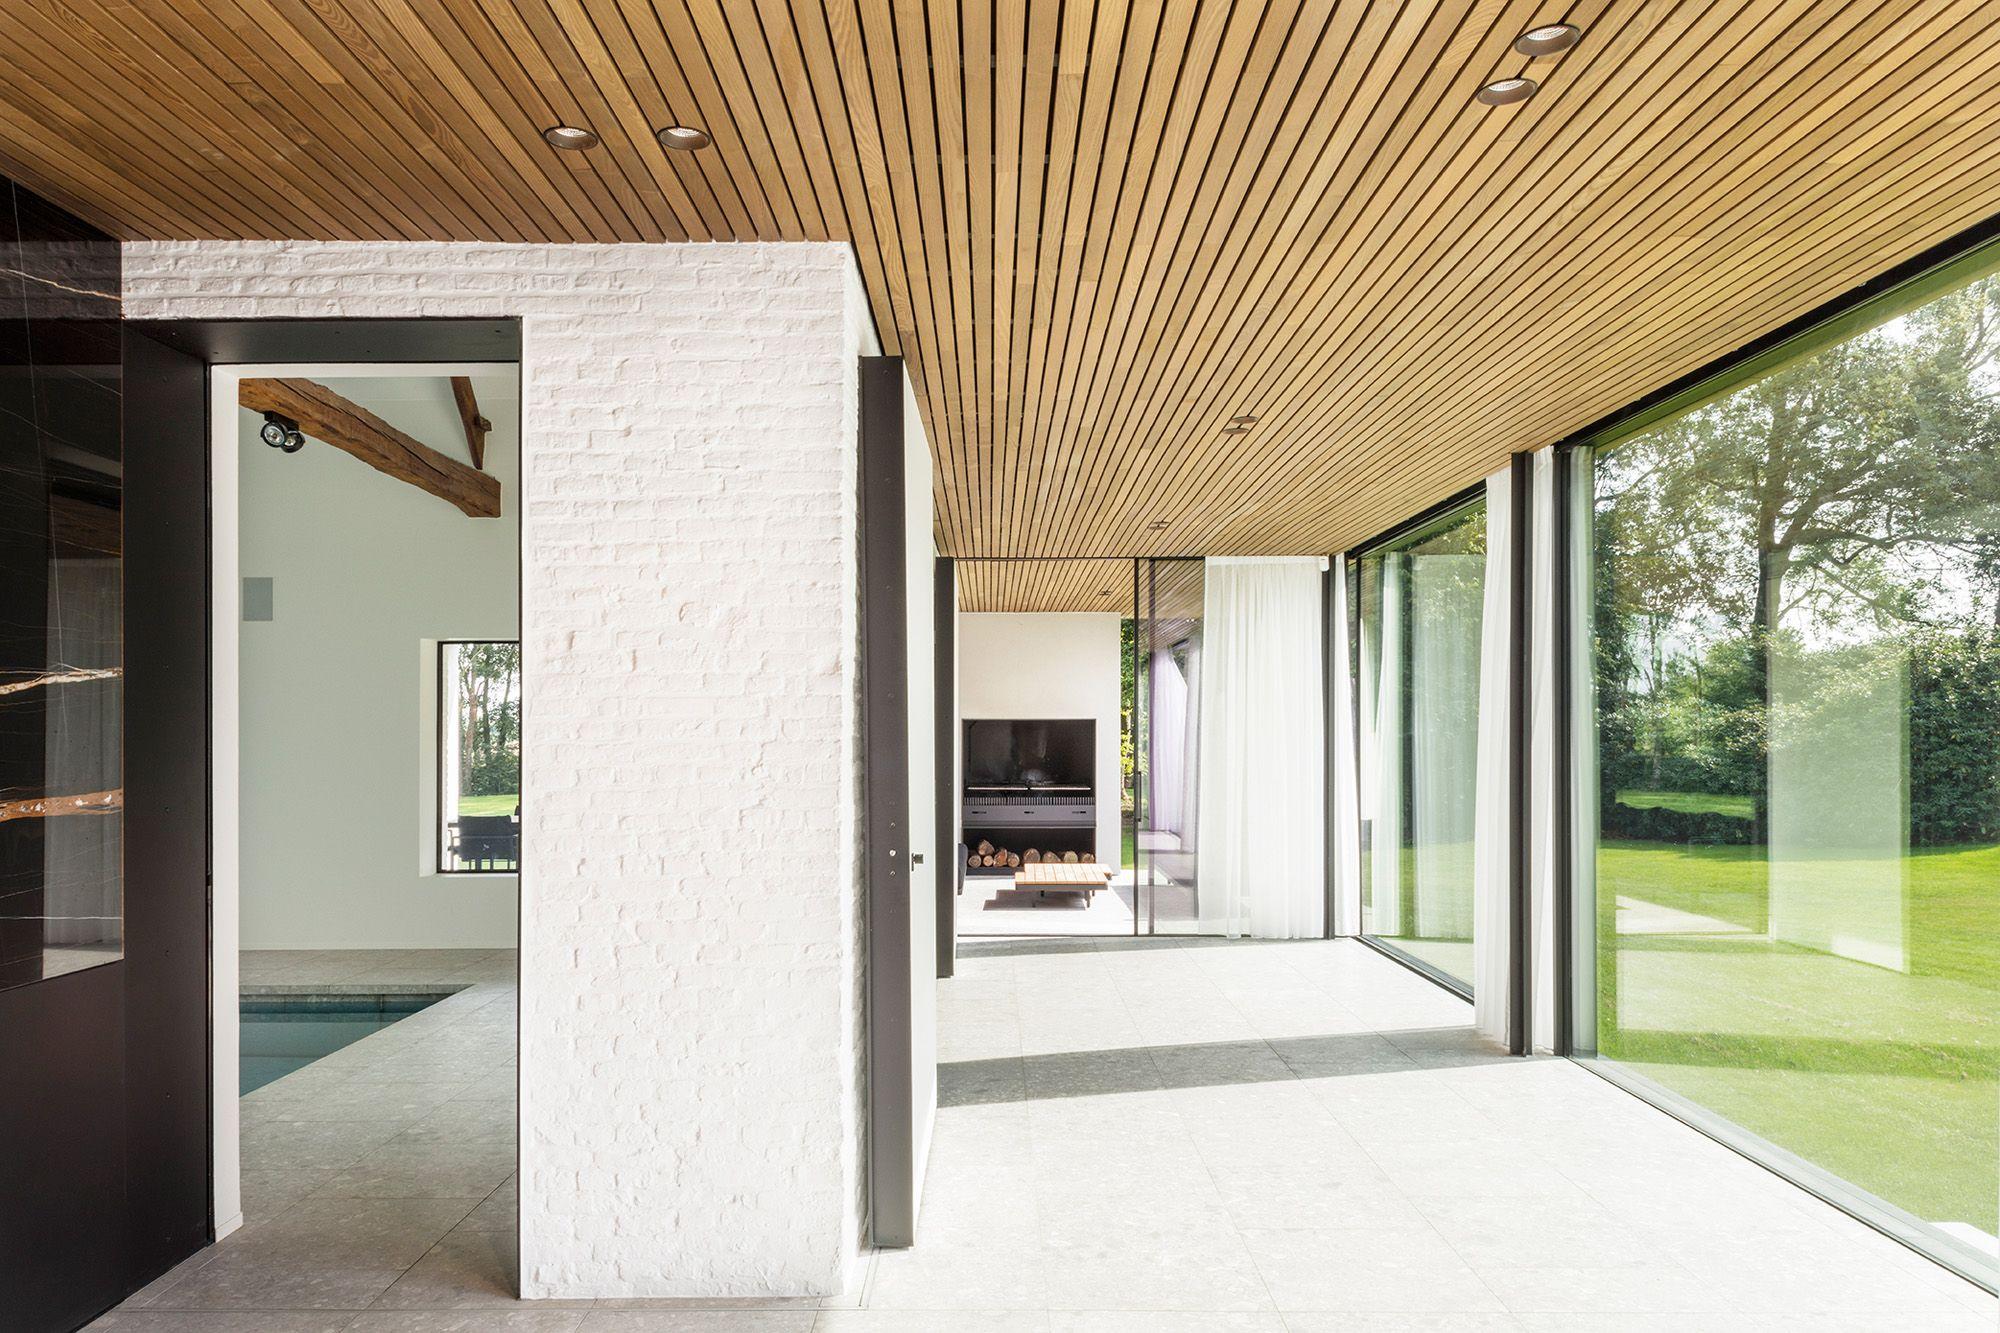 Plafond bekleding hout. Carpentier biedt een prachtig